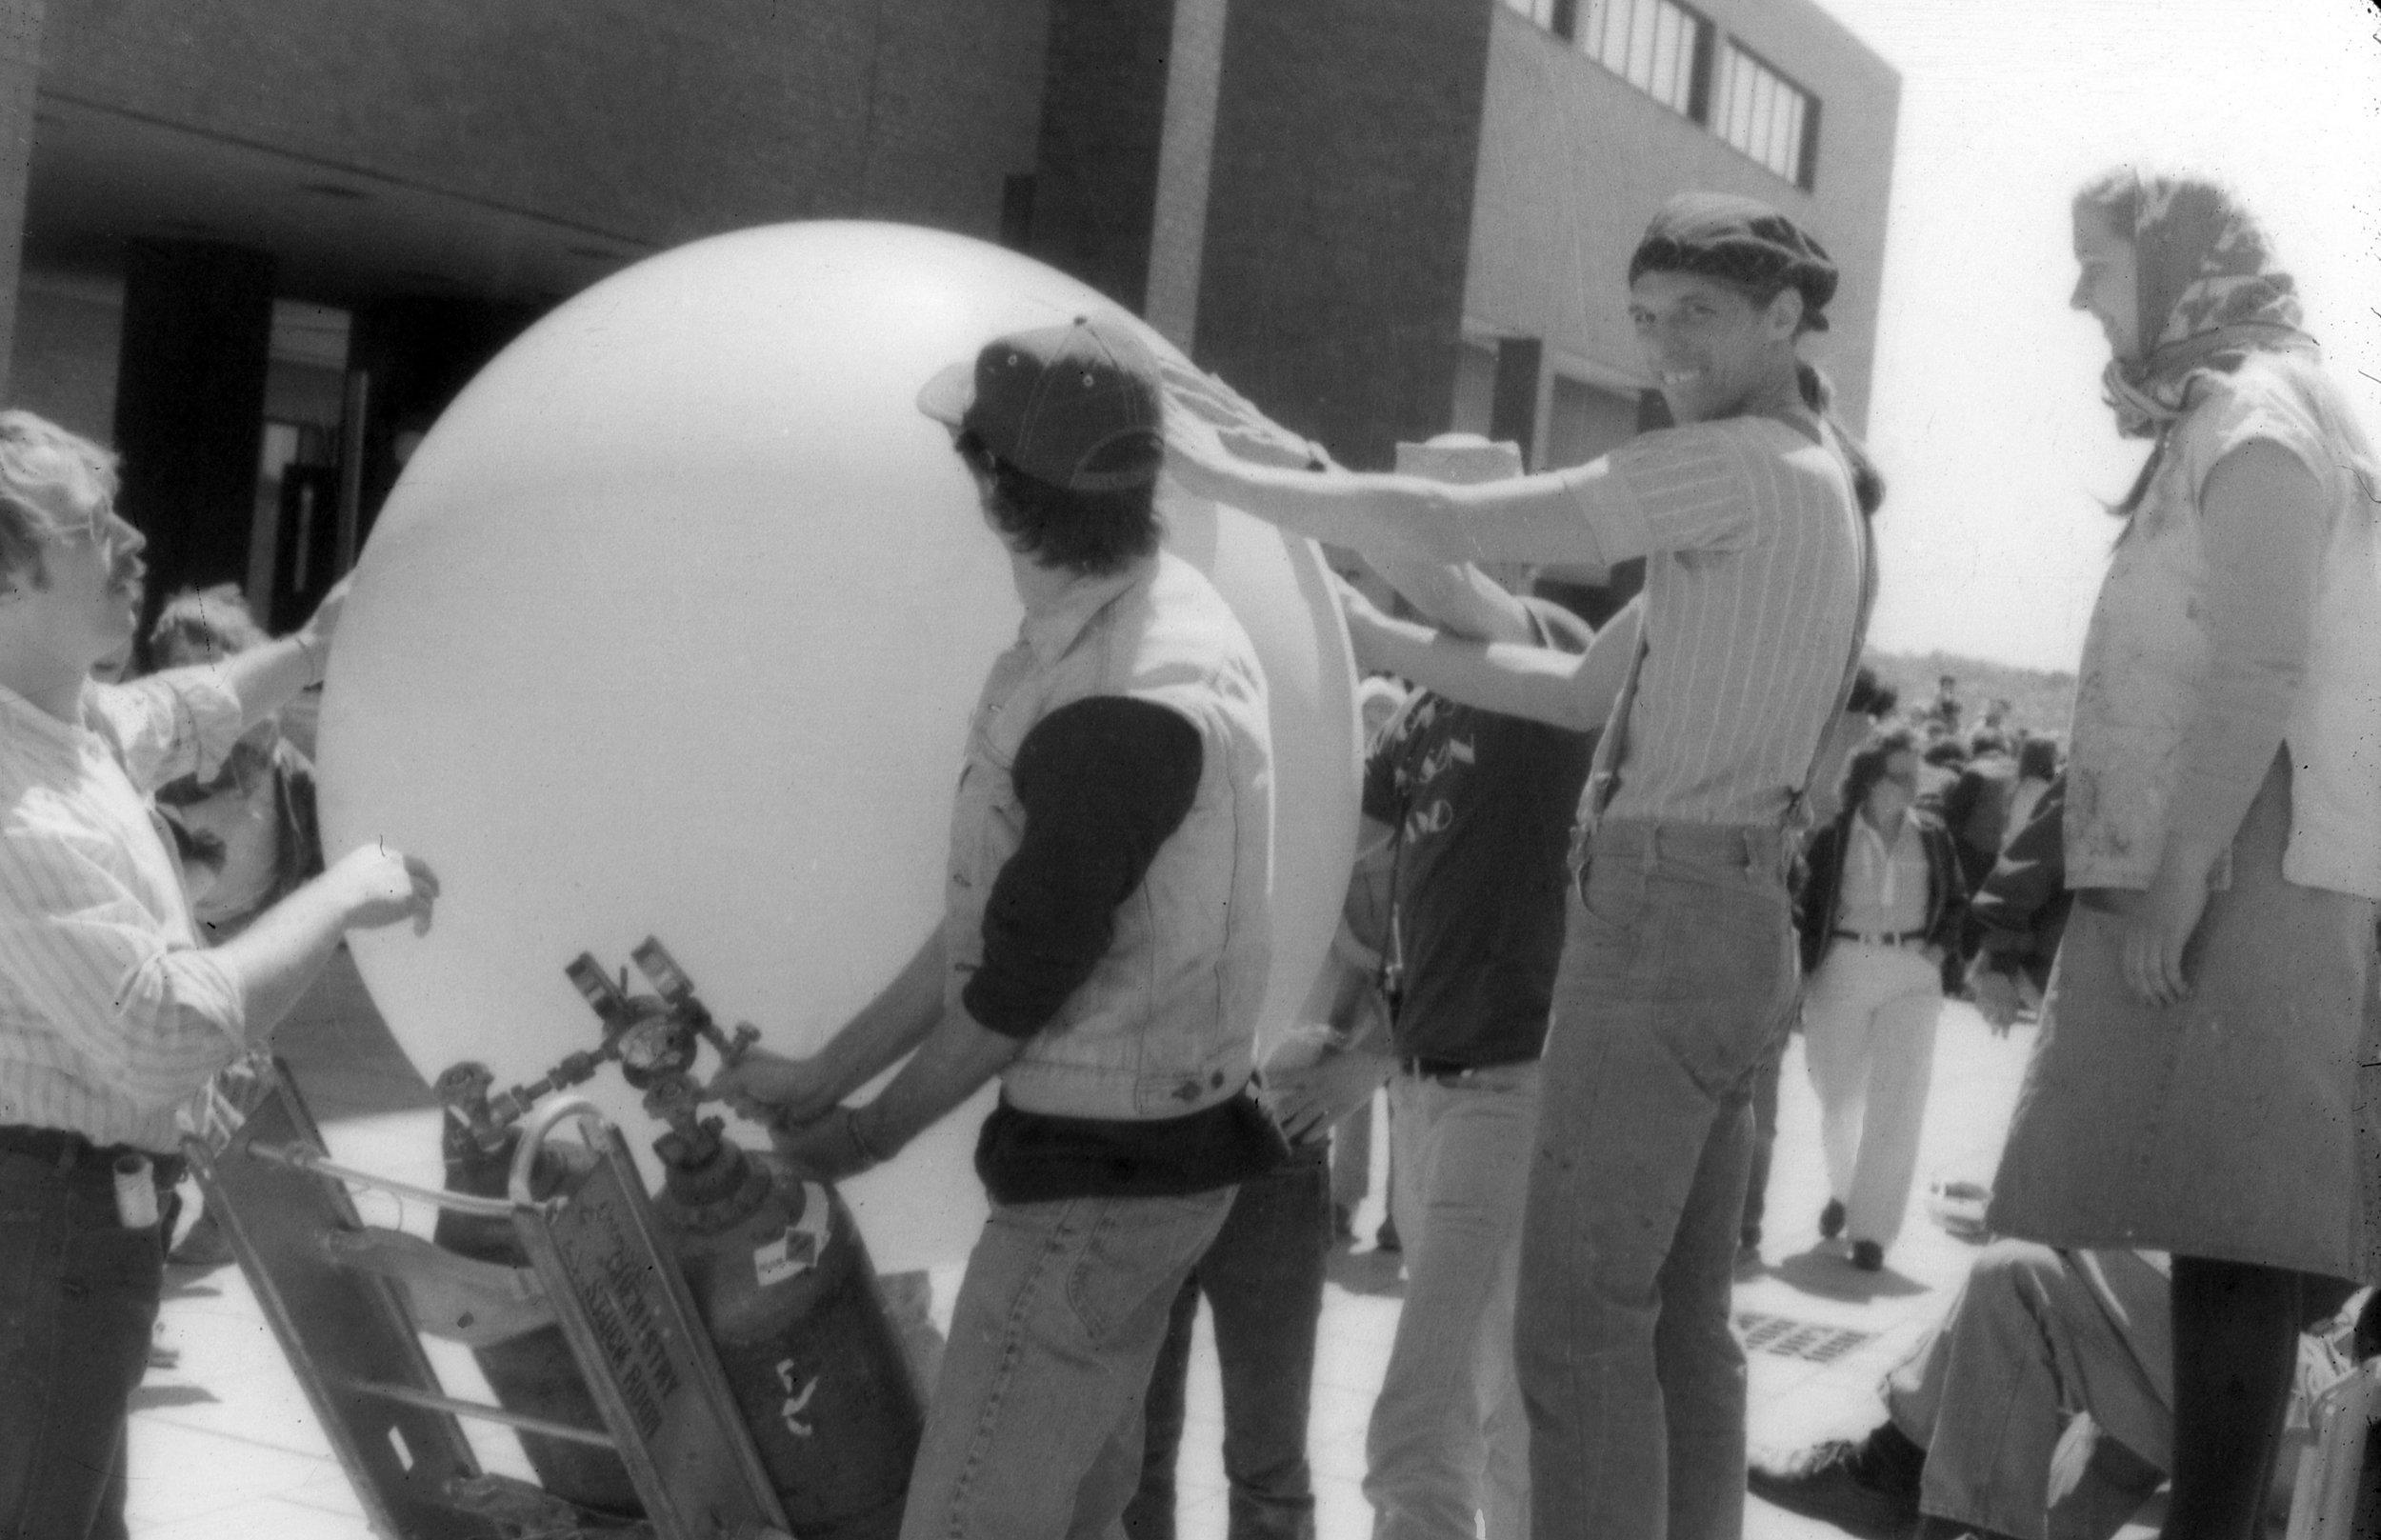 """Poet Peter Payack with Steve Sharpe at Harbor fest, 1980, at University of Massachusetts, Boston inflating """"Jupiter"""" a giant poetry balloon."""